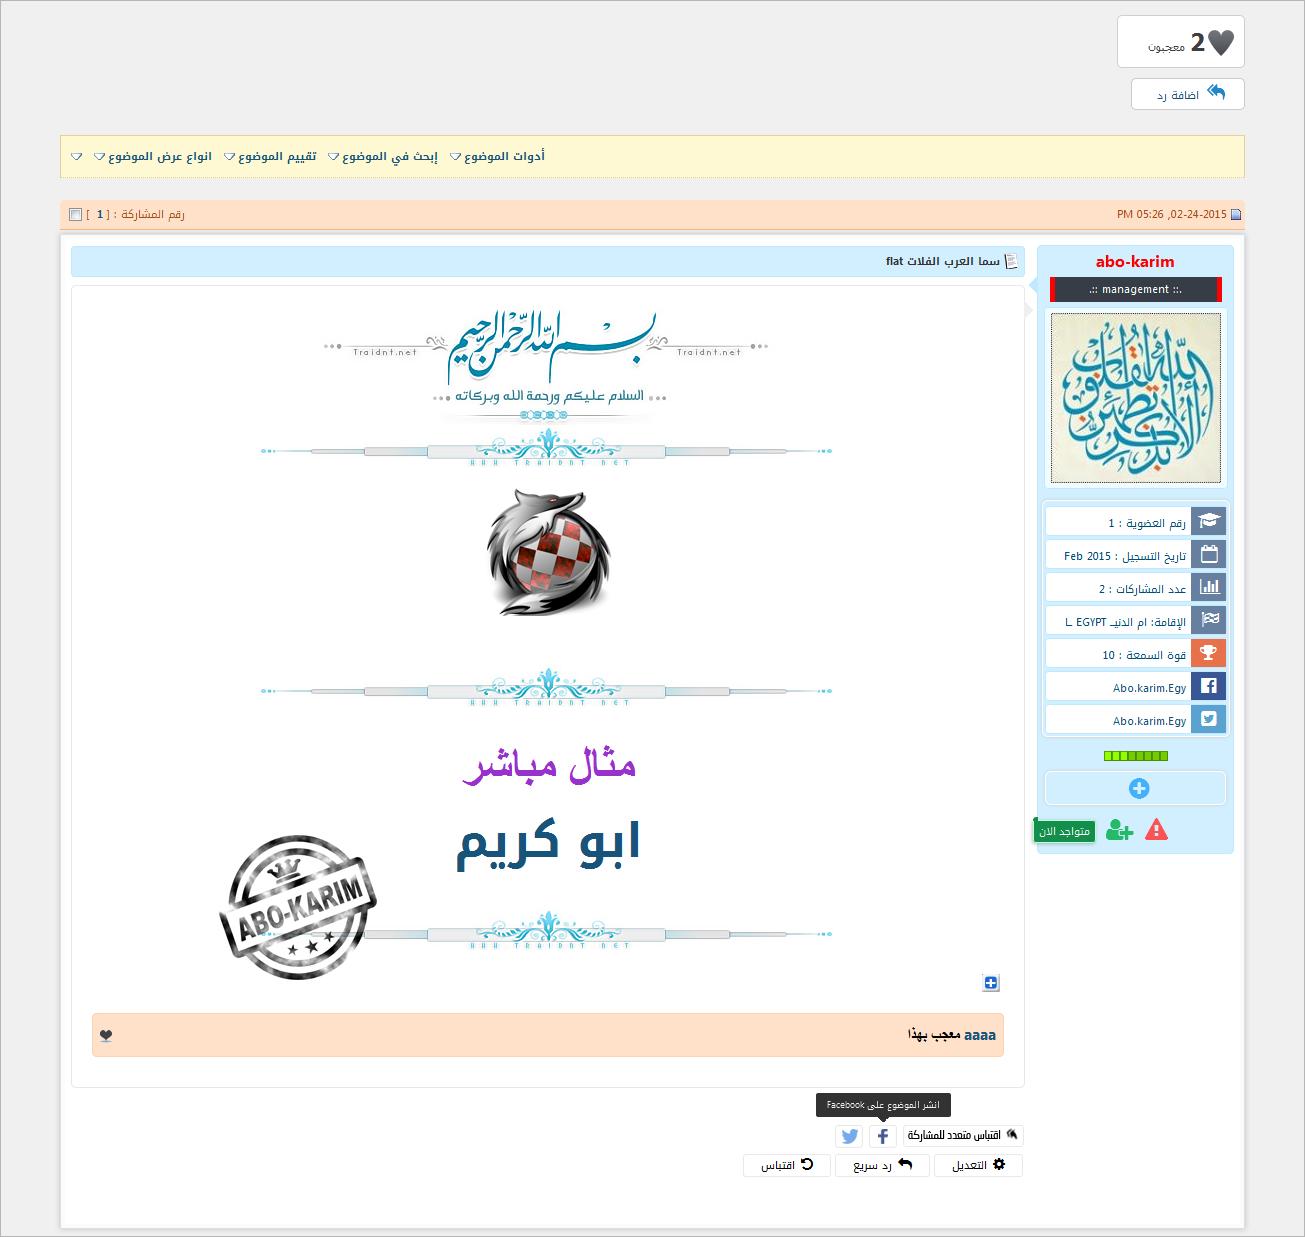 استايل سما العرب المتجاوب مع الجوال وكافة المتصفحات والأجهزة 5516-cached.png